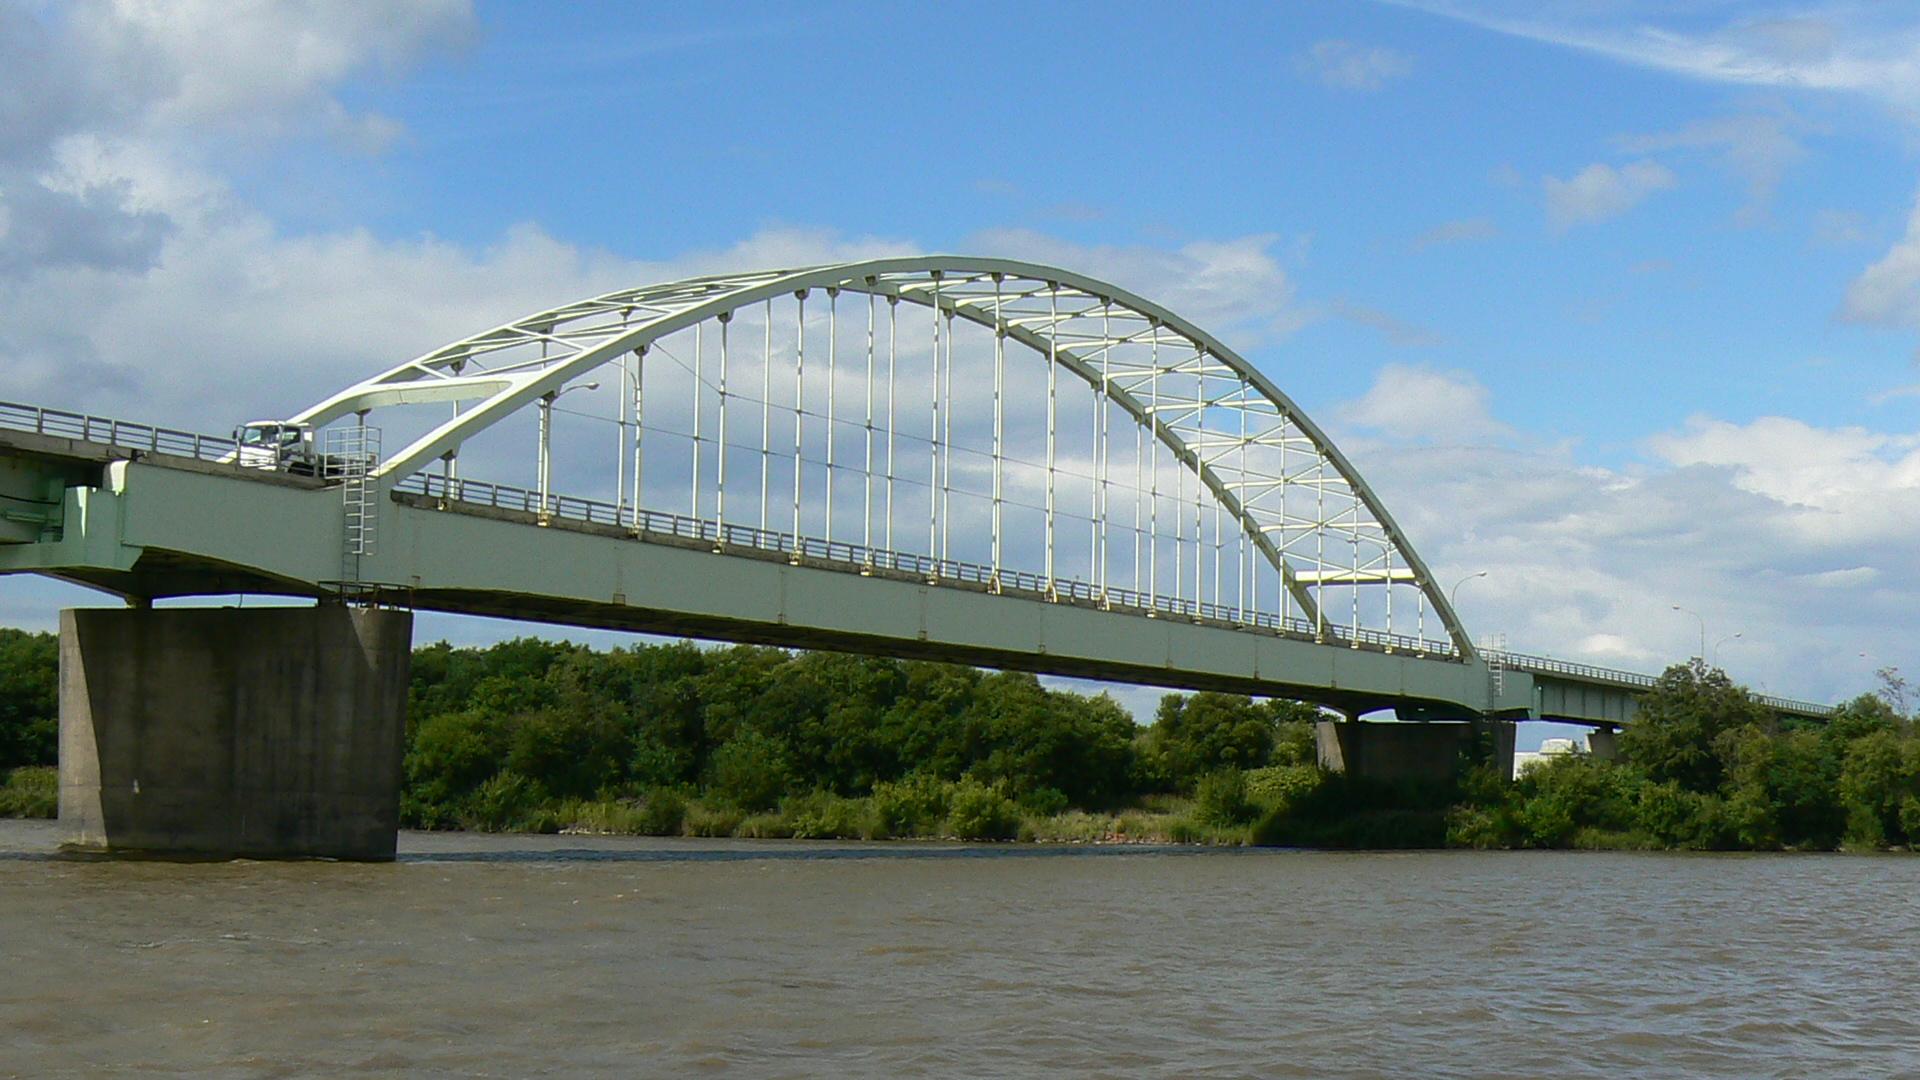 国道275号線に掛かる橋